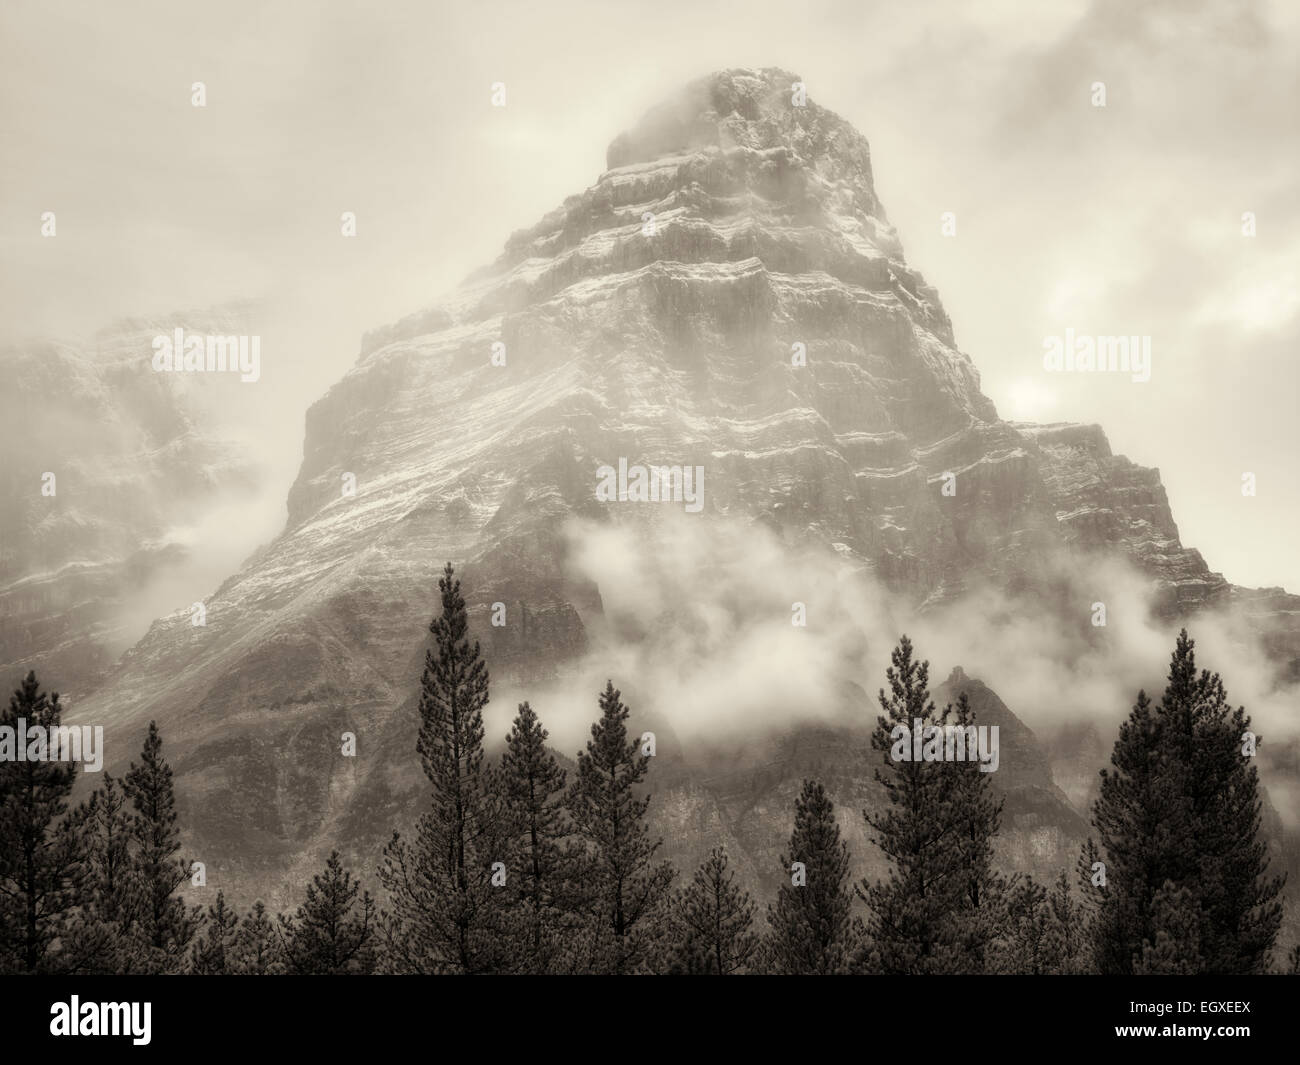 Mt. Chephren nella nebbia e pioggia/neve. Il Parco Nazionale di Banff, Alberta, Canada Immagini Stock